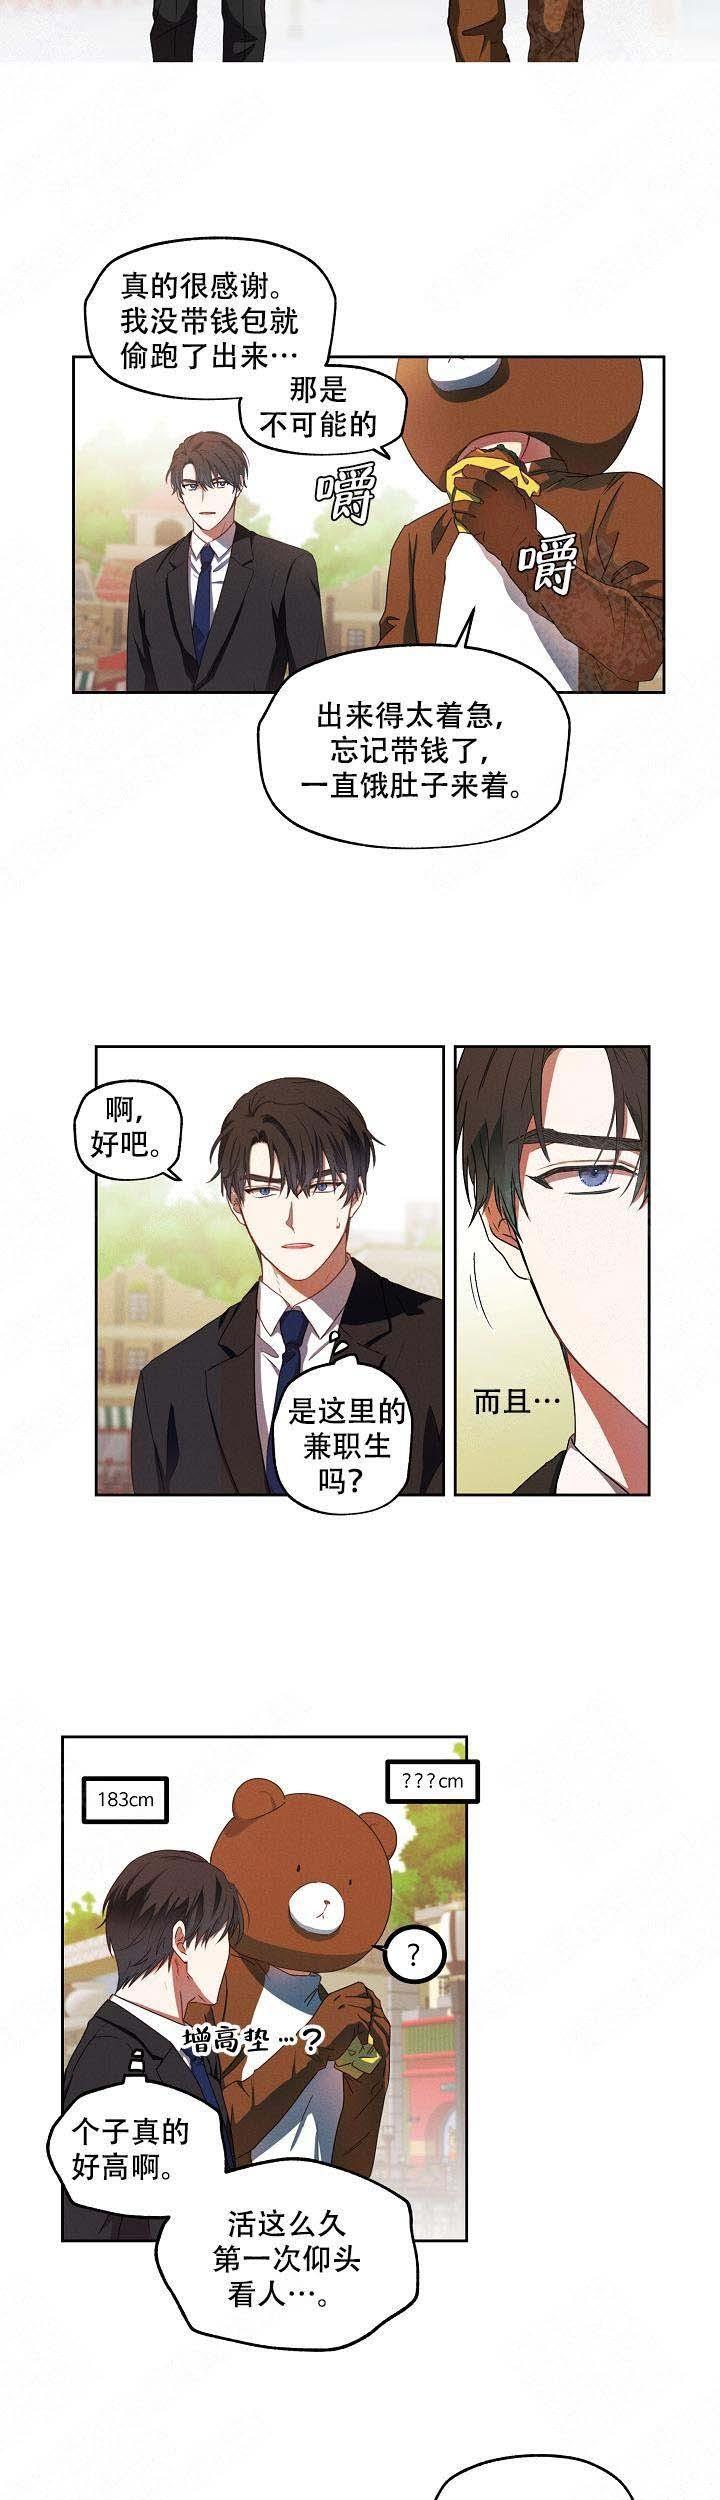 《解脱》漫画 — 中文完结版 全文免费阅读